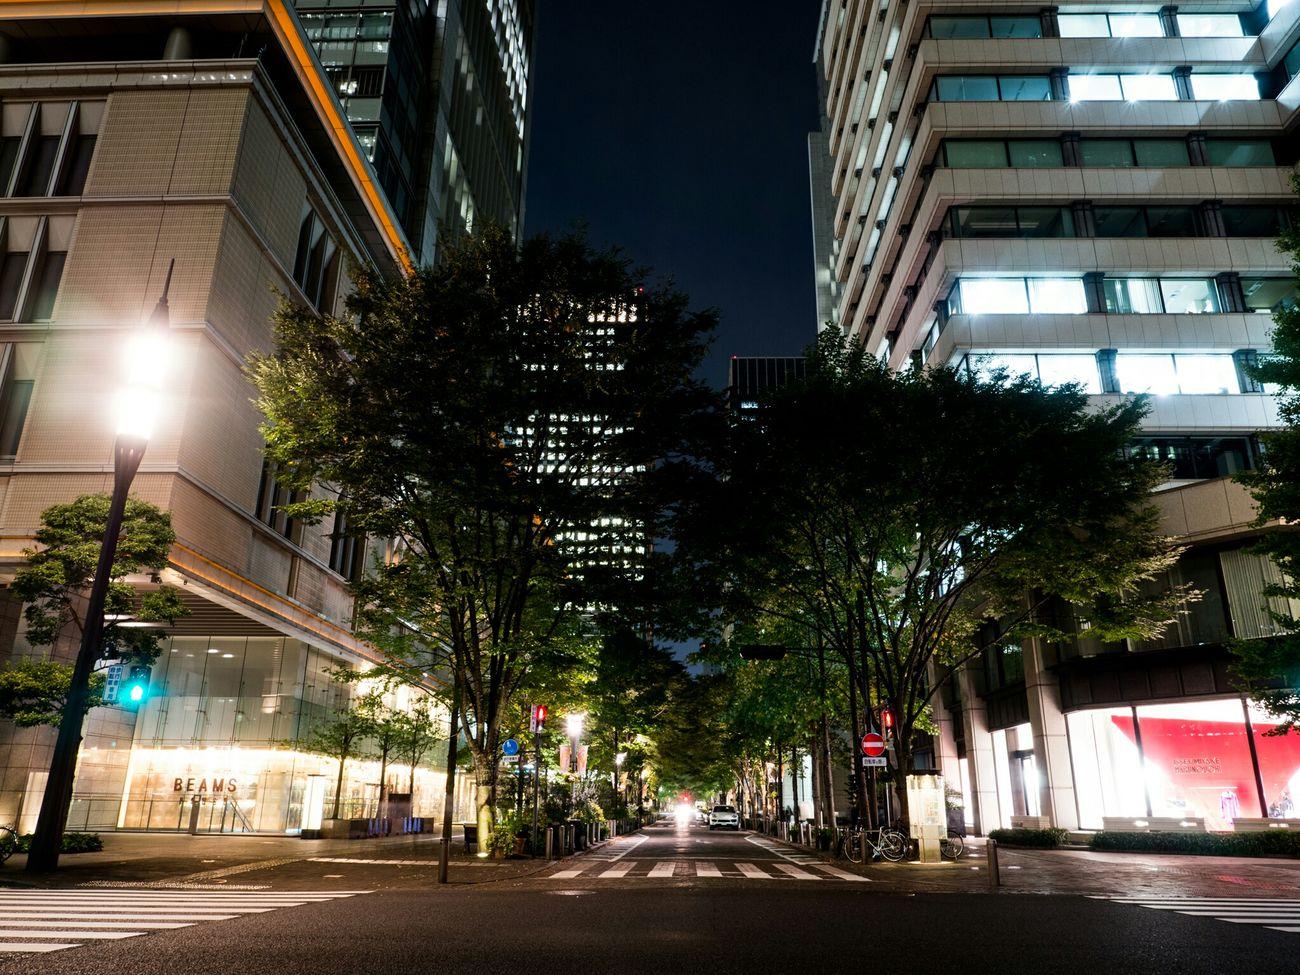 丸の内仲通り / Marunouchi Naka-Dori Street Night Night Lights Night View Nightphotography Street Streetphotography Olympus Trees Buildings